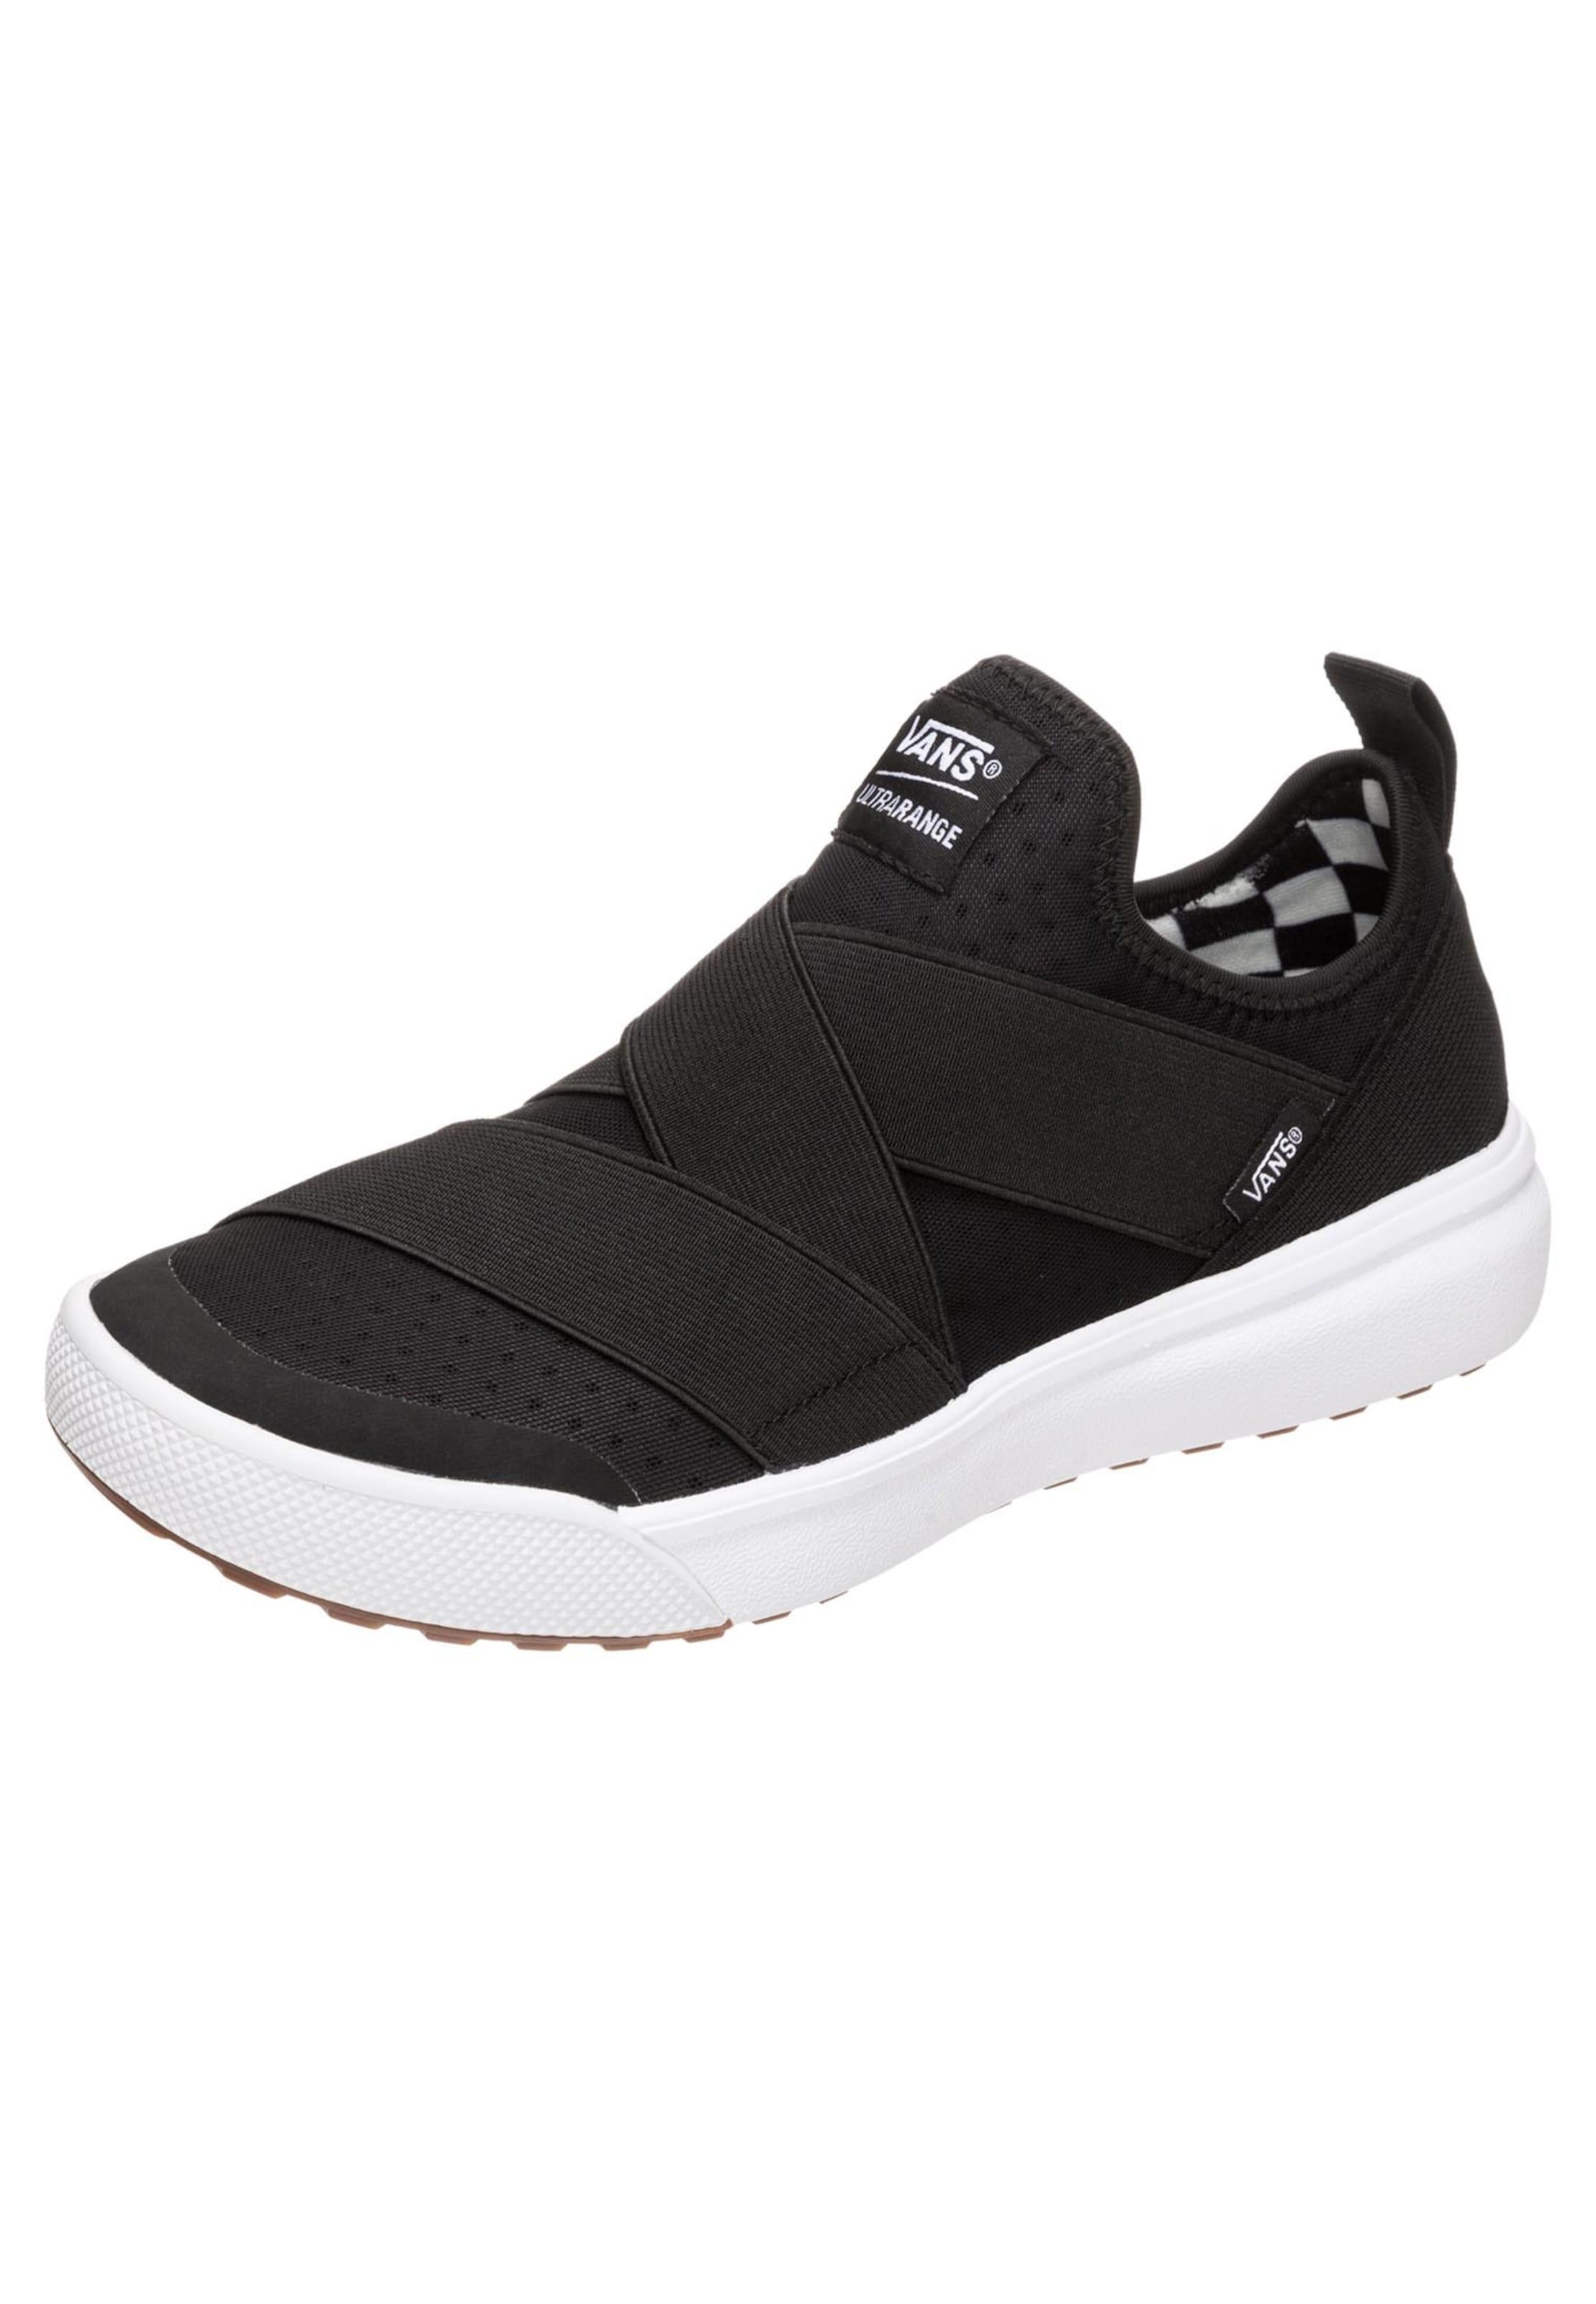 Vans Sneakers Haut De Gamme Ultra Gore Noir pe4csb